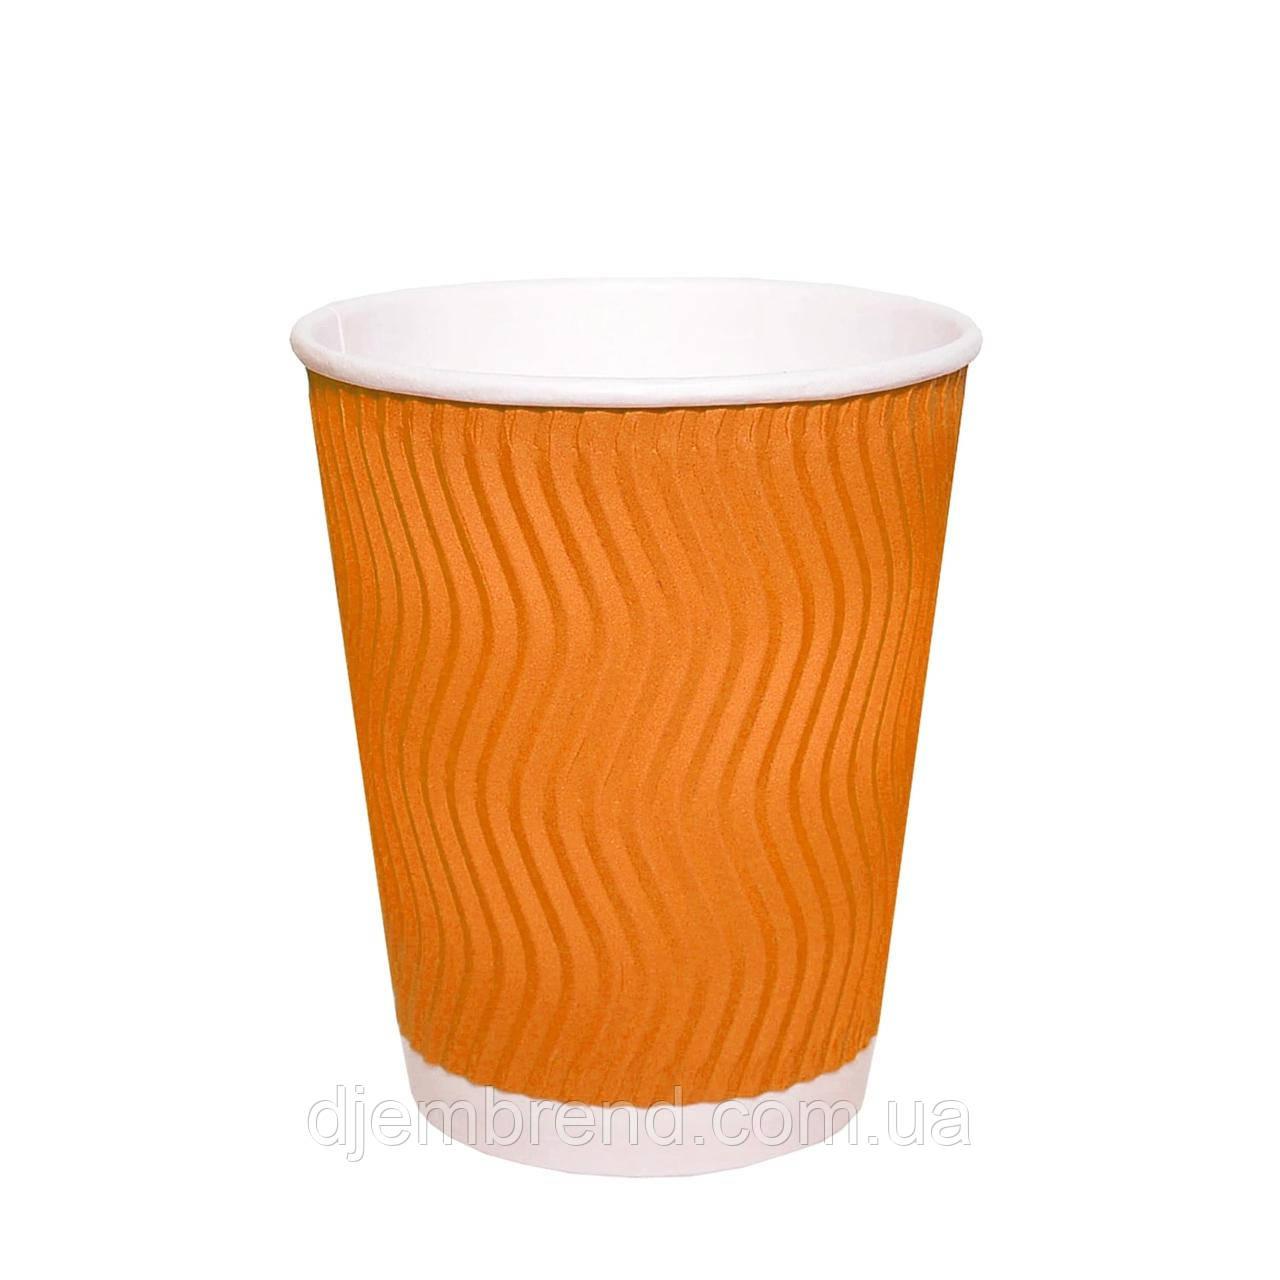 Стакан бумажный гофрированный Оранжевый волна 350 мл 30шт/уп 90 КР